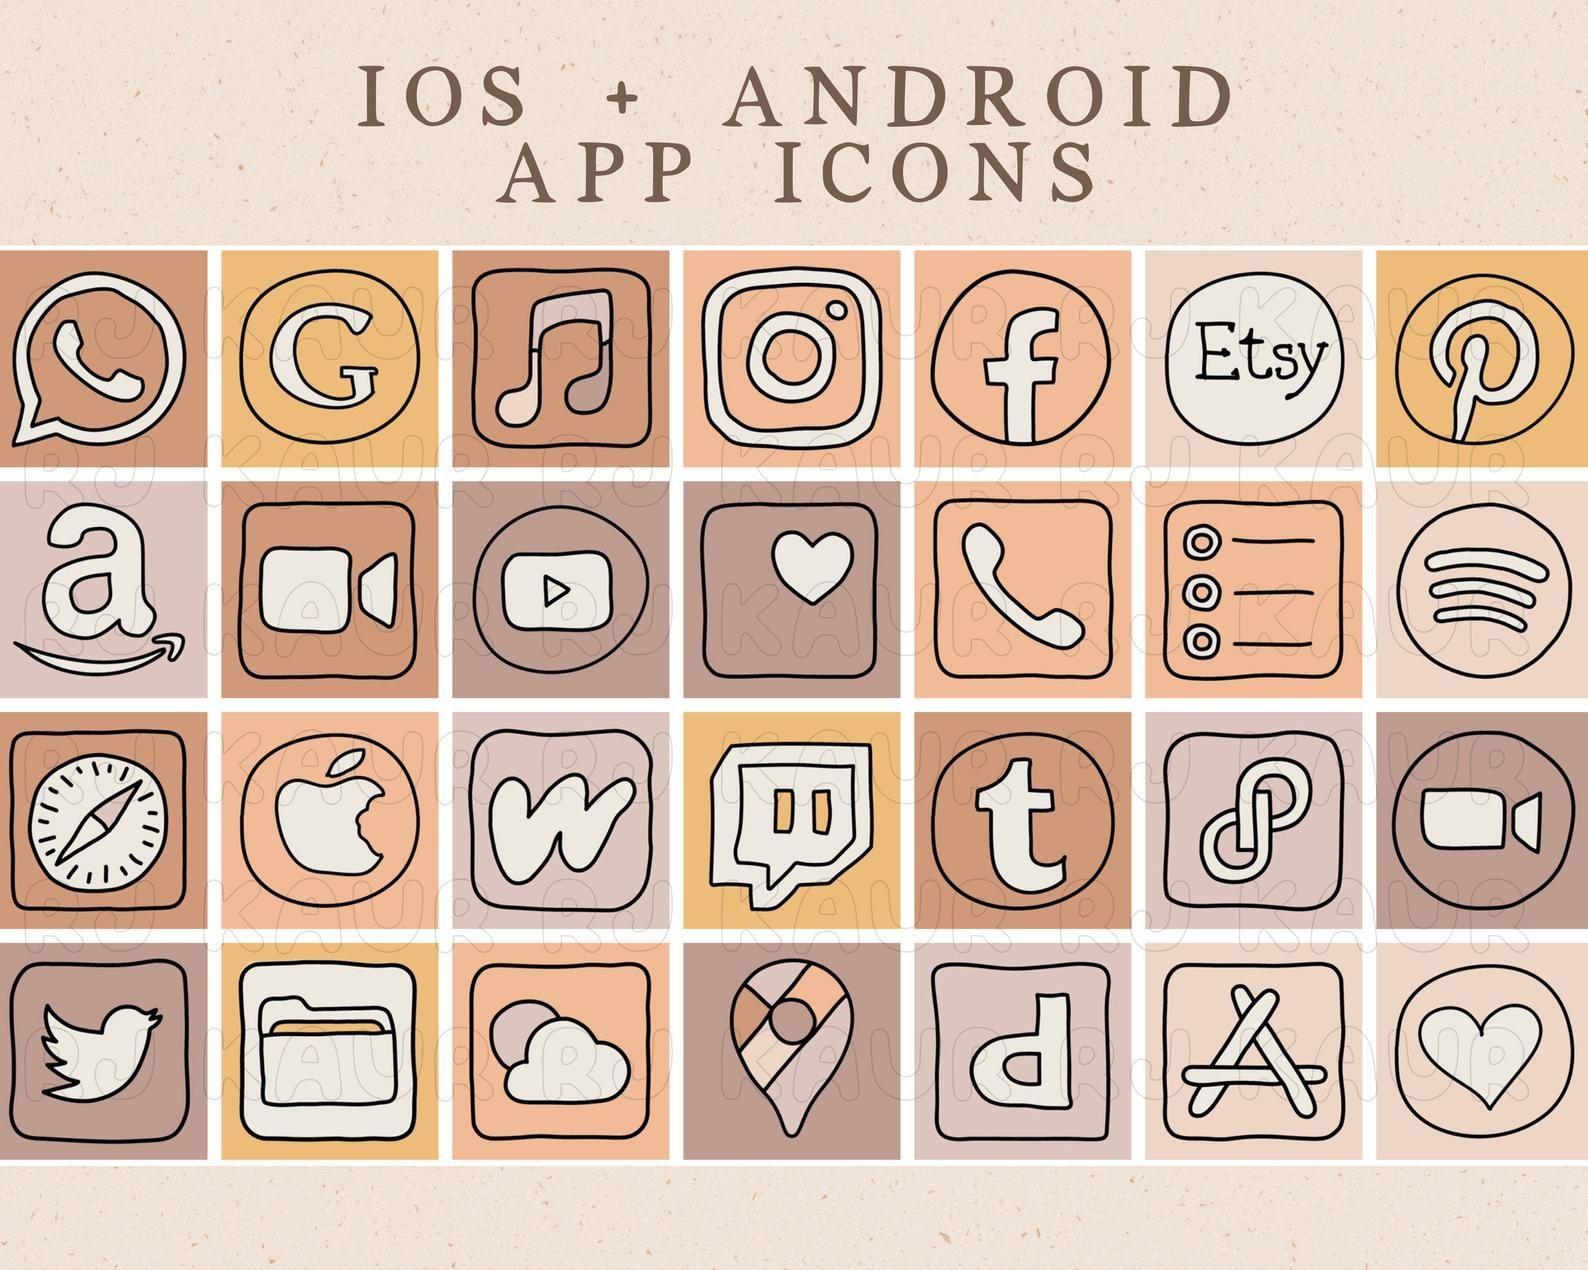 Calm Desert Doodle iOS 14 App Icons | iOS14 Widget